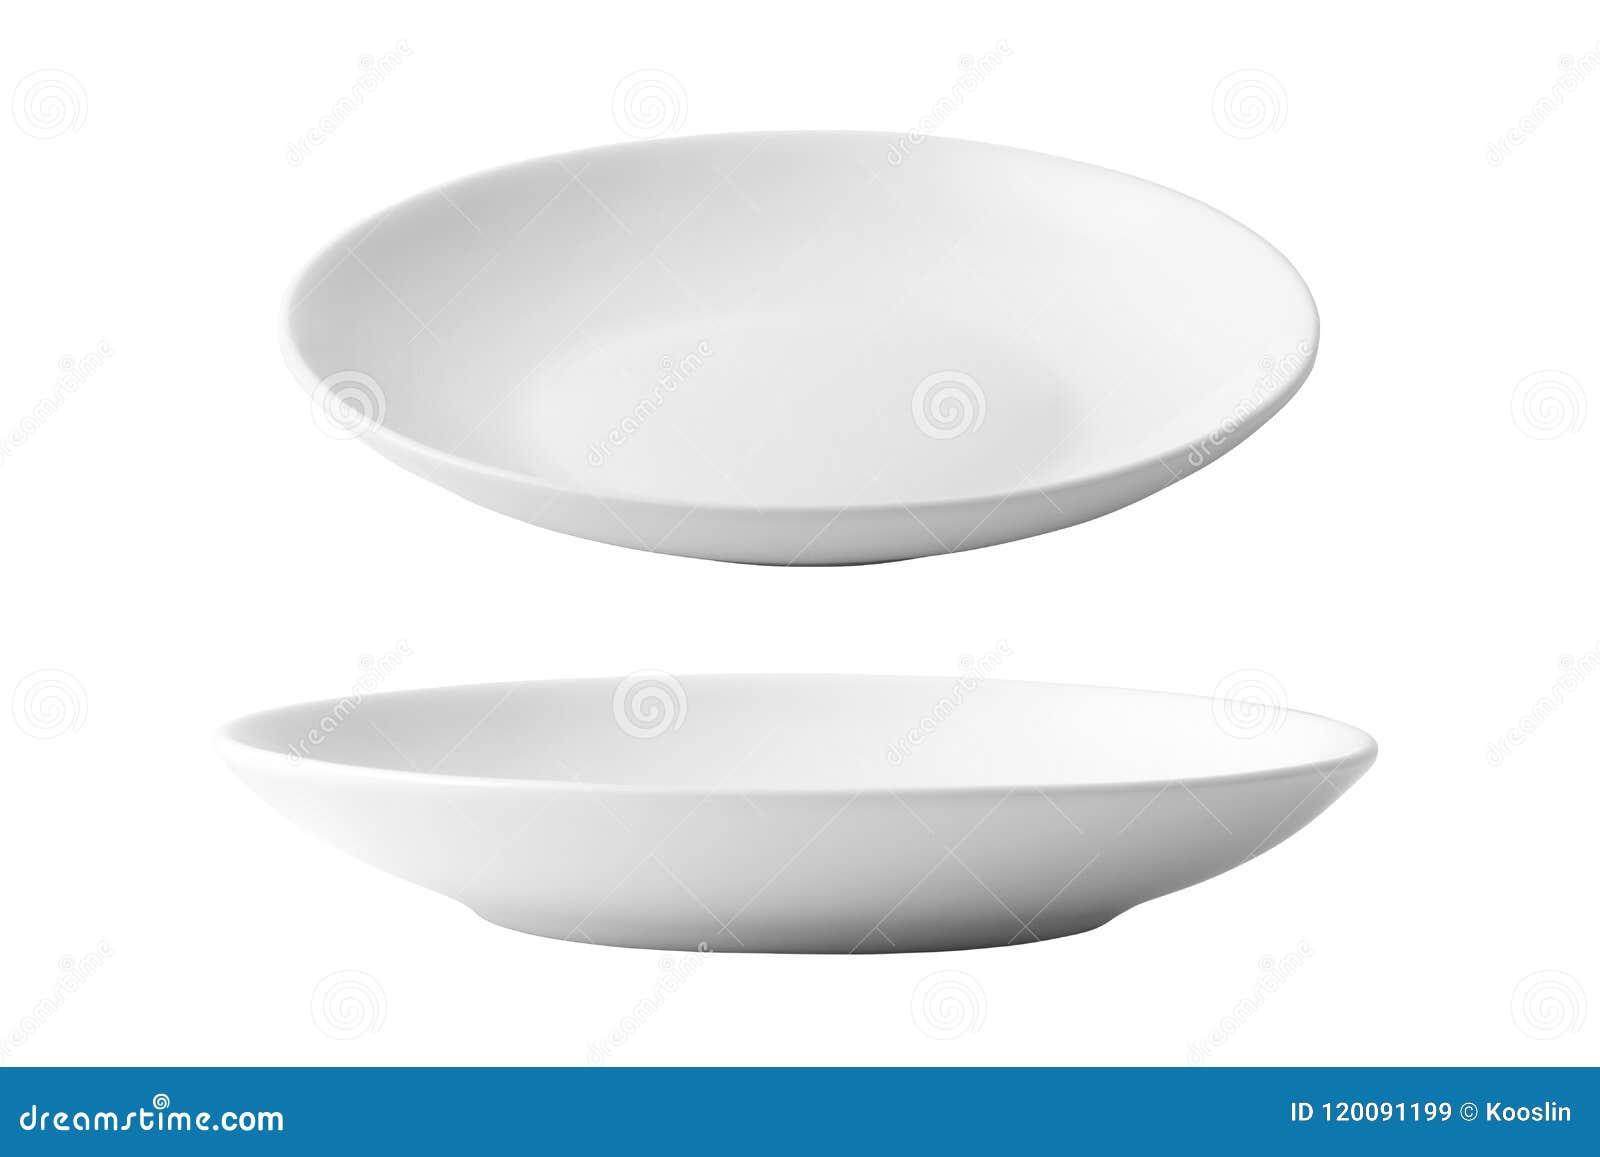 Piatto Ceramica Bianco.Piatto Di Ceramica Bianco Vuoto Immagine Stock Immagine Di